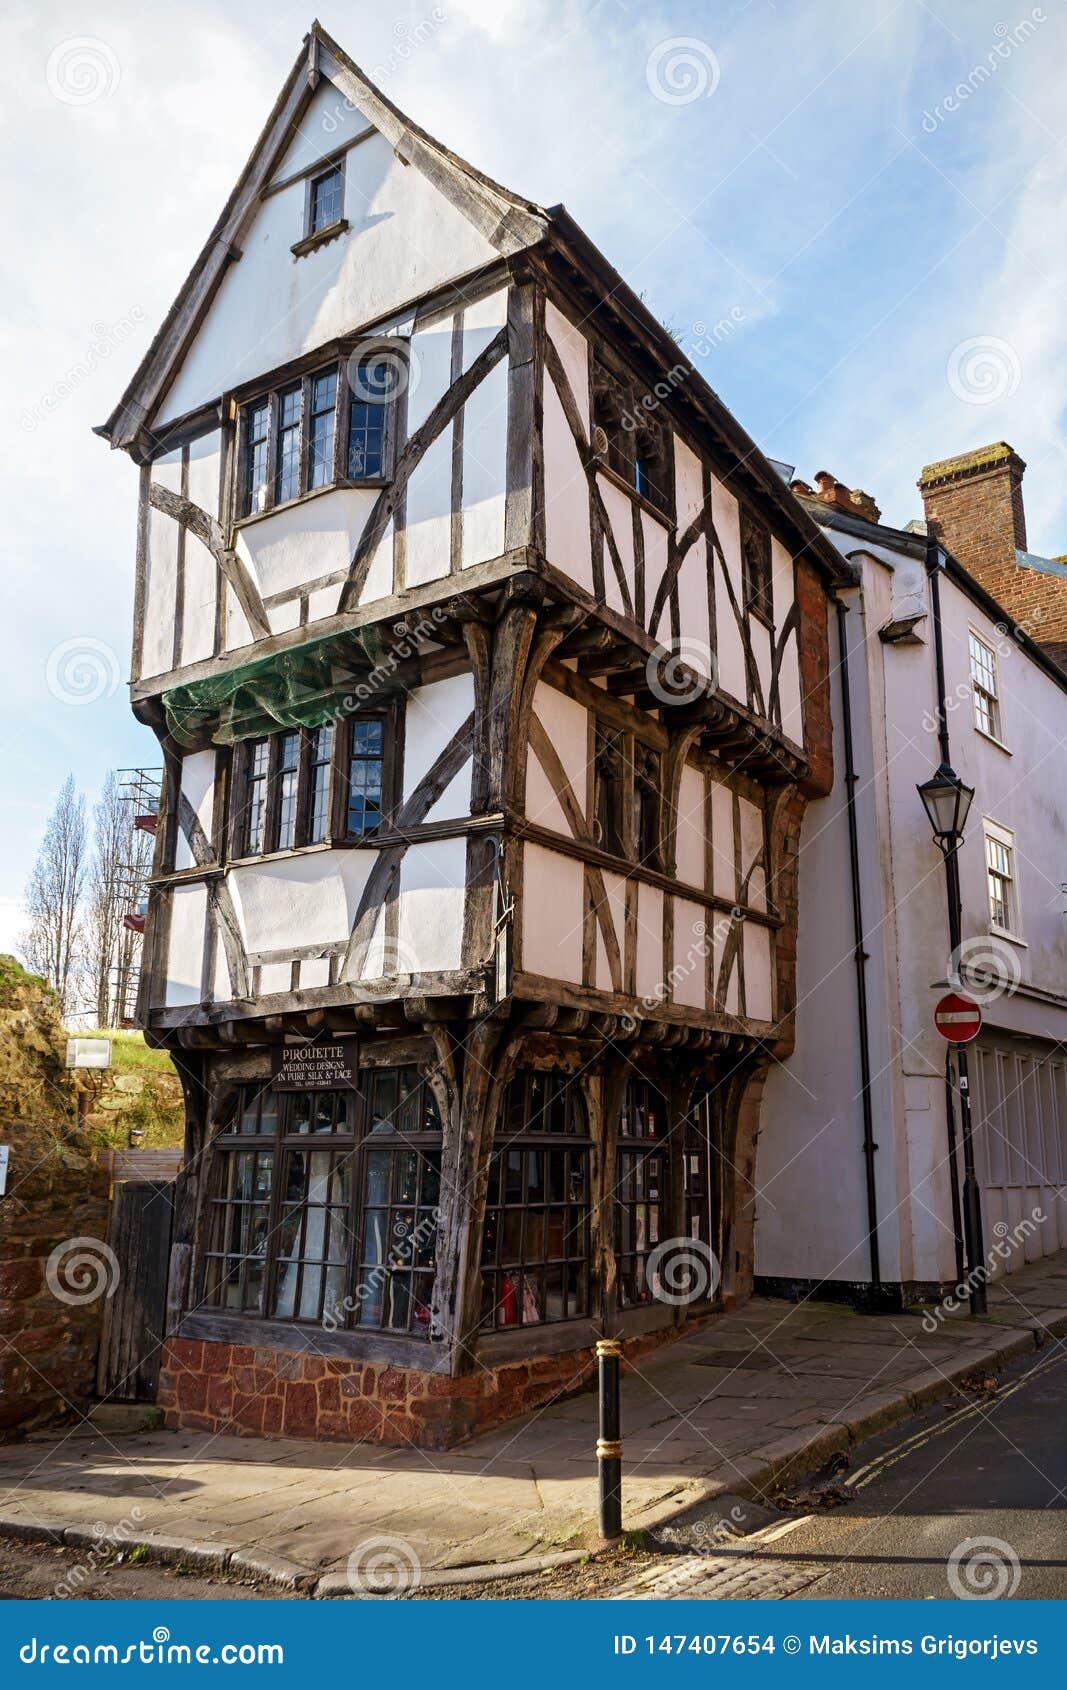 La Chambre tordue à Exeter, Devon, Royaume-Uni, le 28 décembre 2017